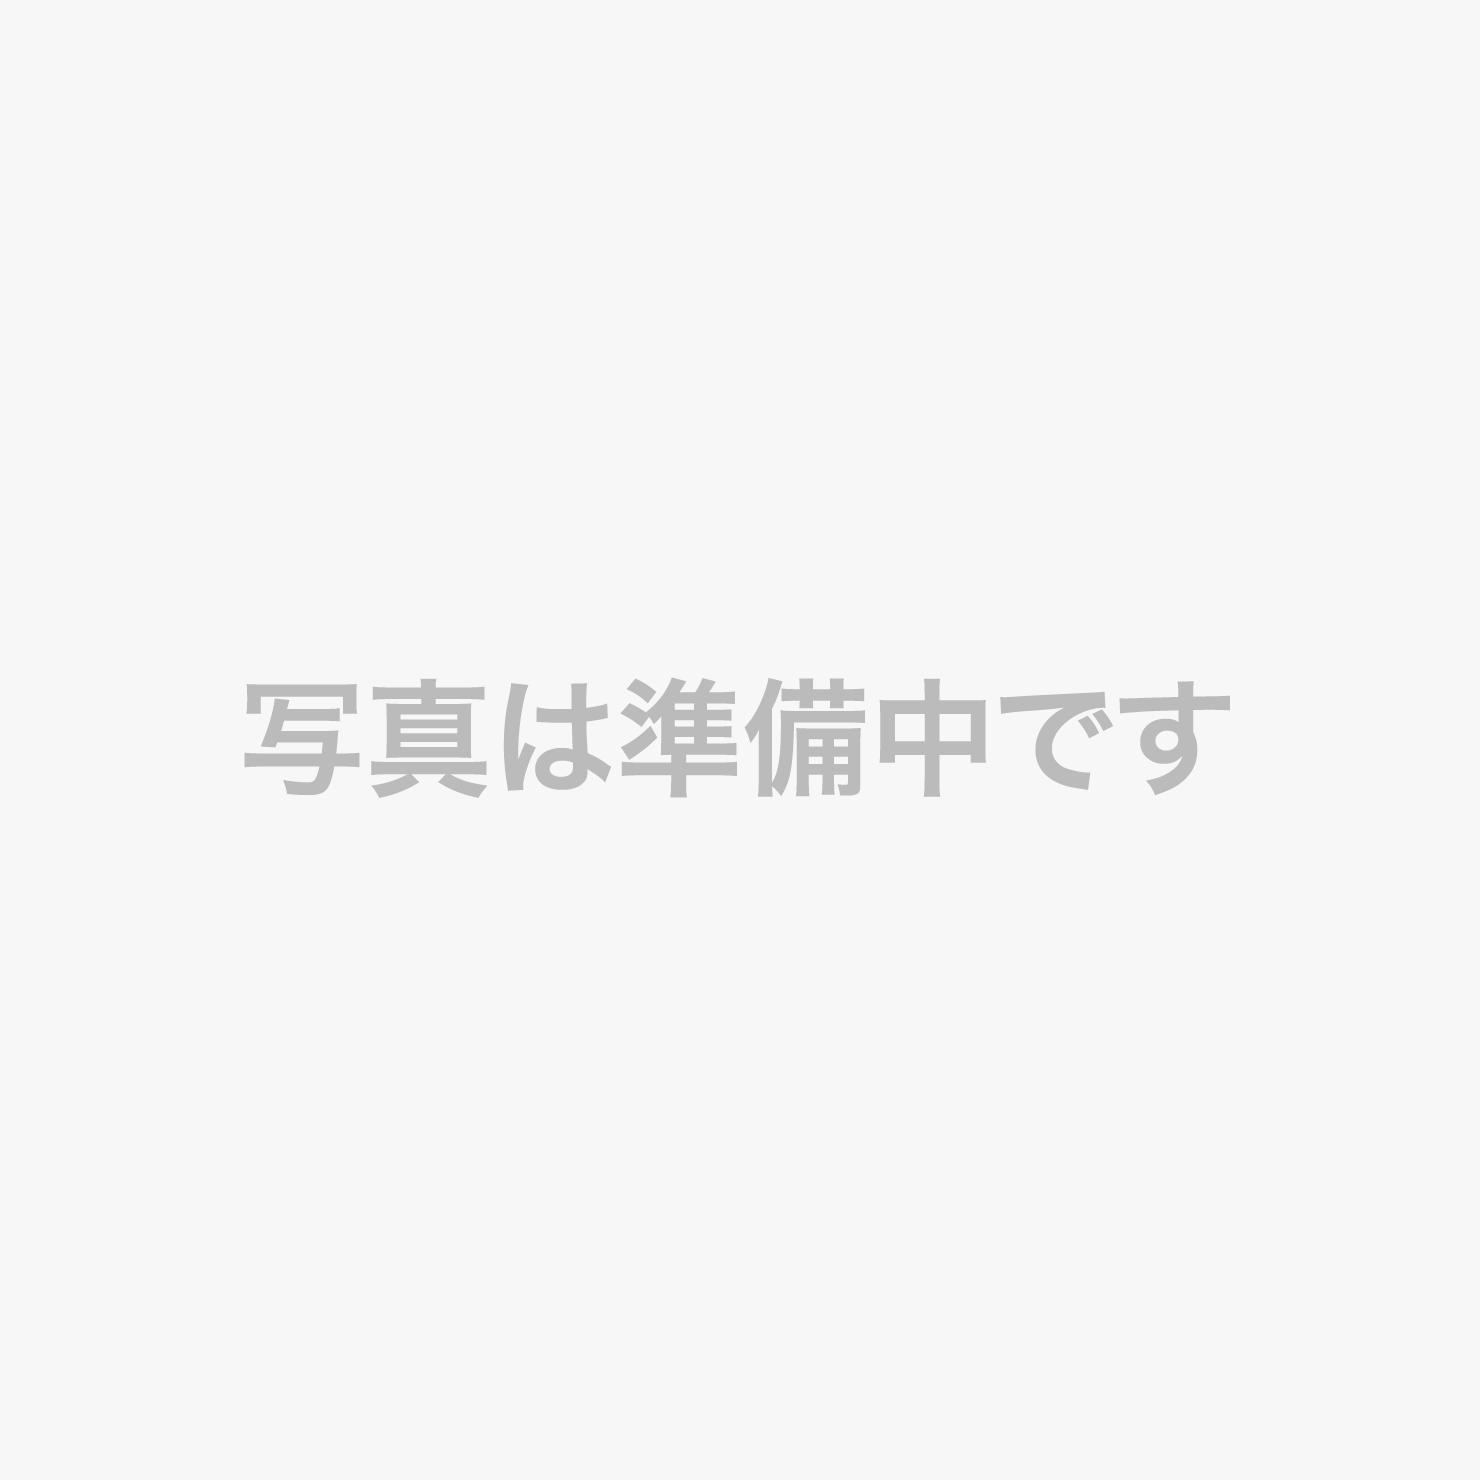 セミダブルルーム【喫煙】(Dブルー)